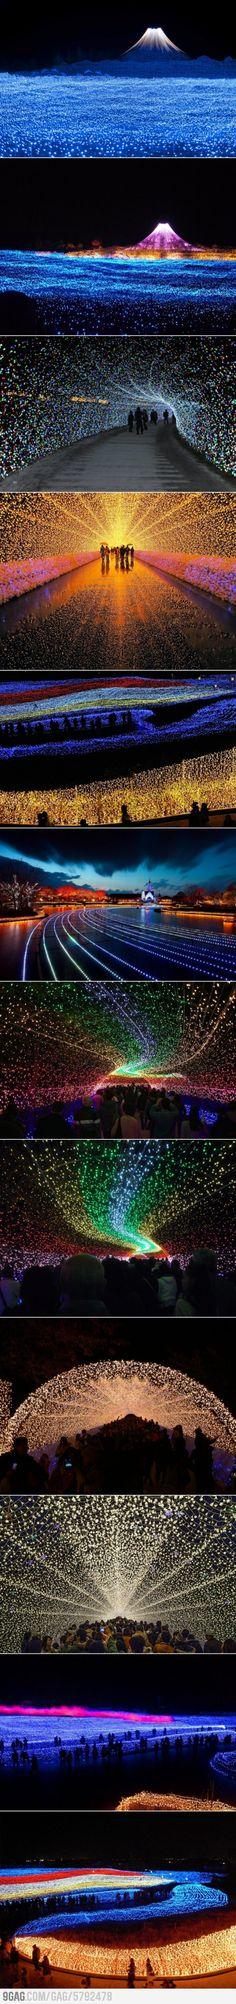 Japan's Winter Light Festival